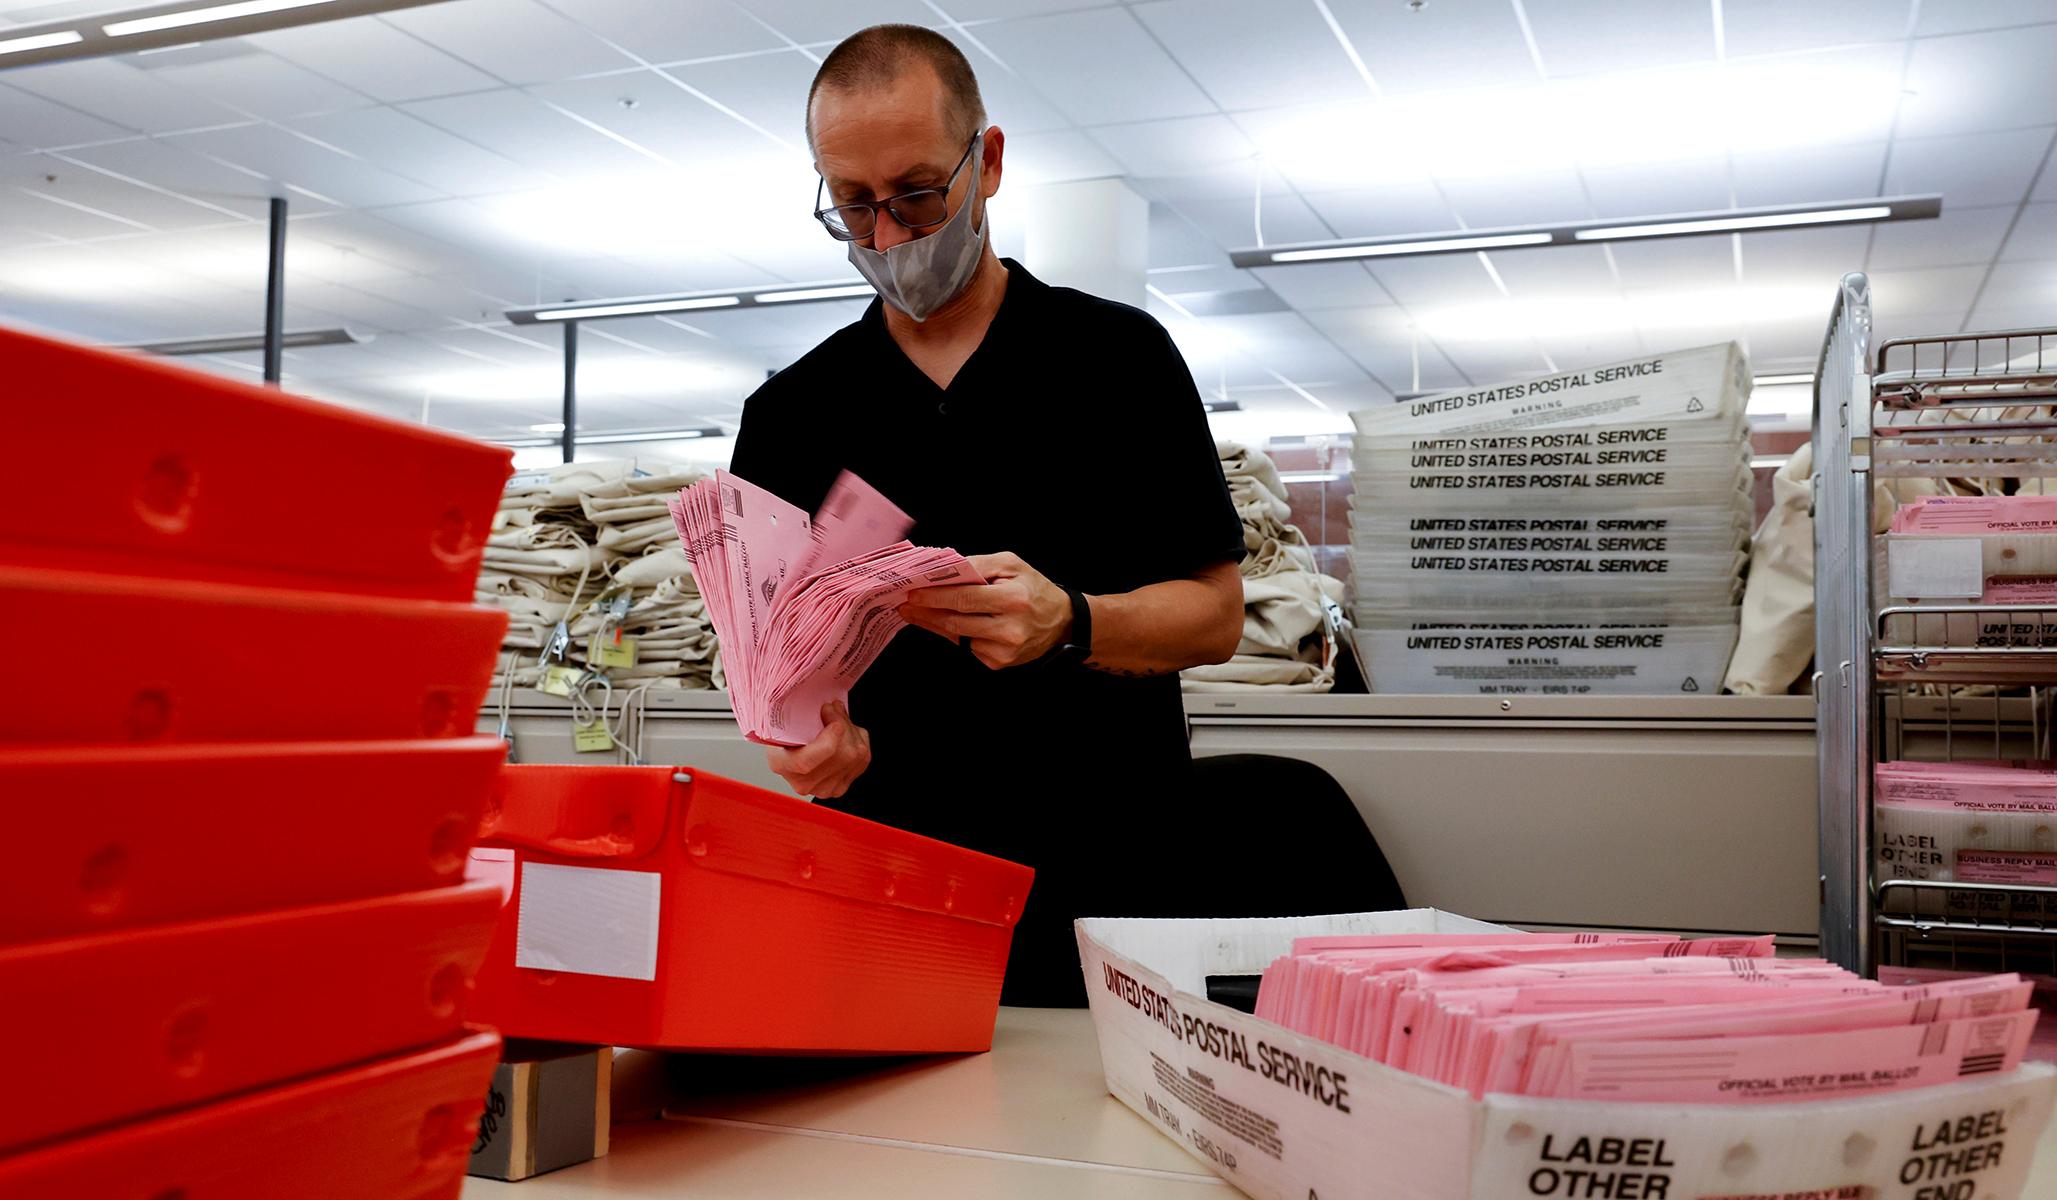 Mail In Ballot: California Menjadikan Universal Mail Voting Permanen setelah Mengadopsinya sebagai Tanggapan Pandemi